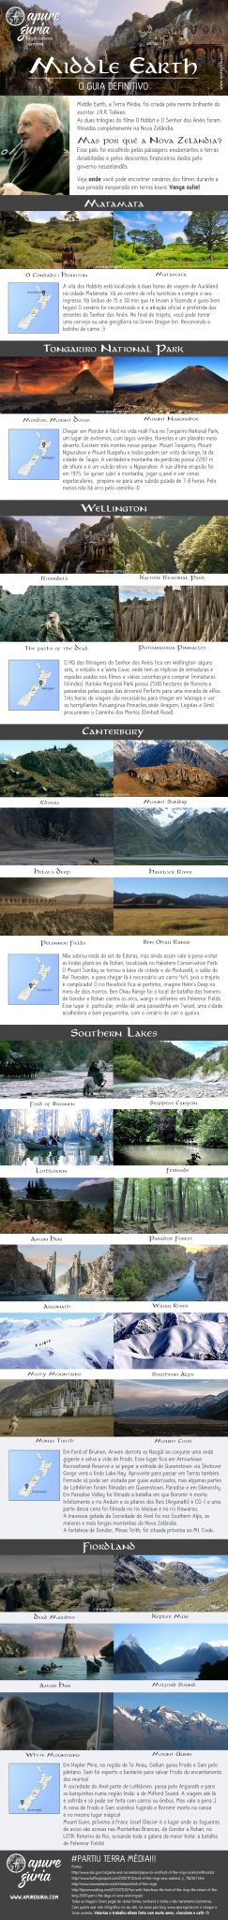 GUIA DEFINITIVO TERRA MEDIA cenários localizações nova zelândia senhor dos anéis hobbit corrigido